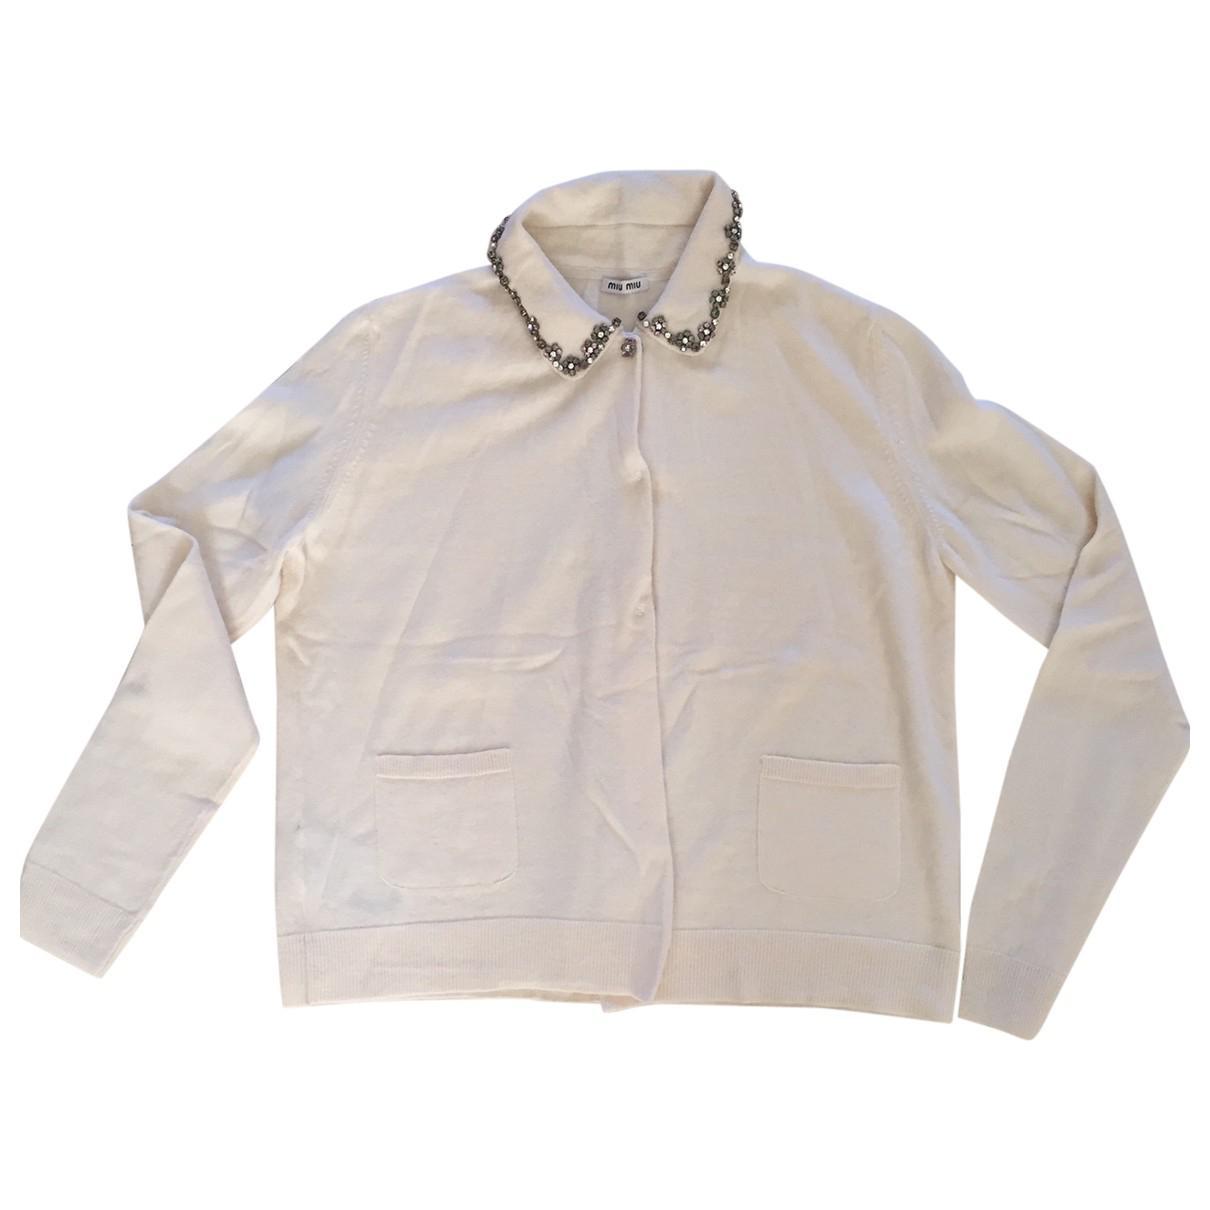 09bfac14291 Lyst - Miu Miu Pre-owned Wool Top in White